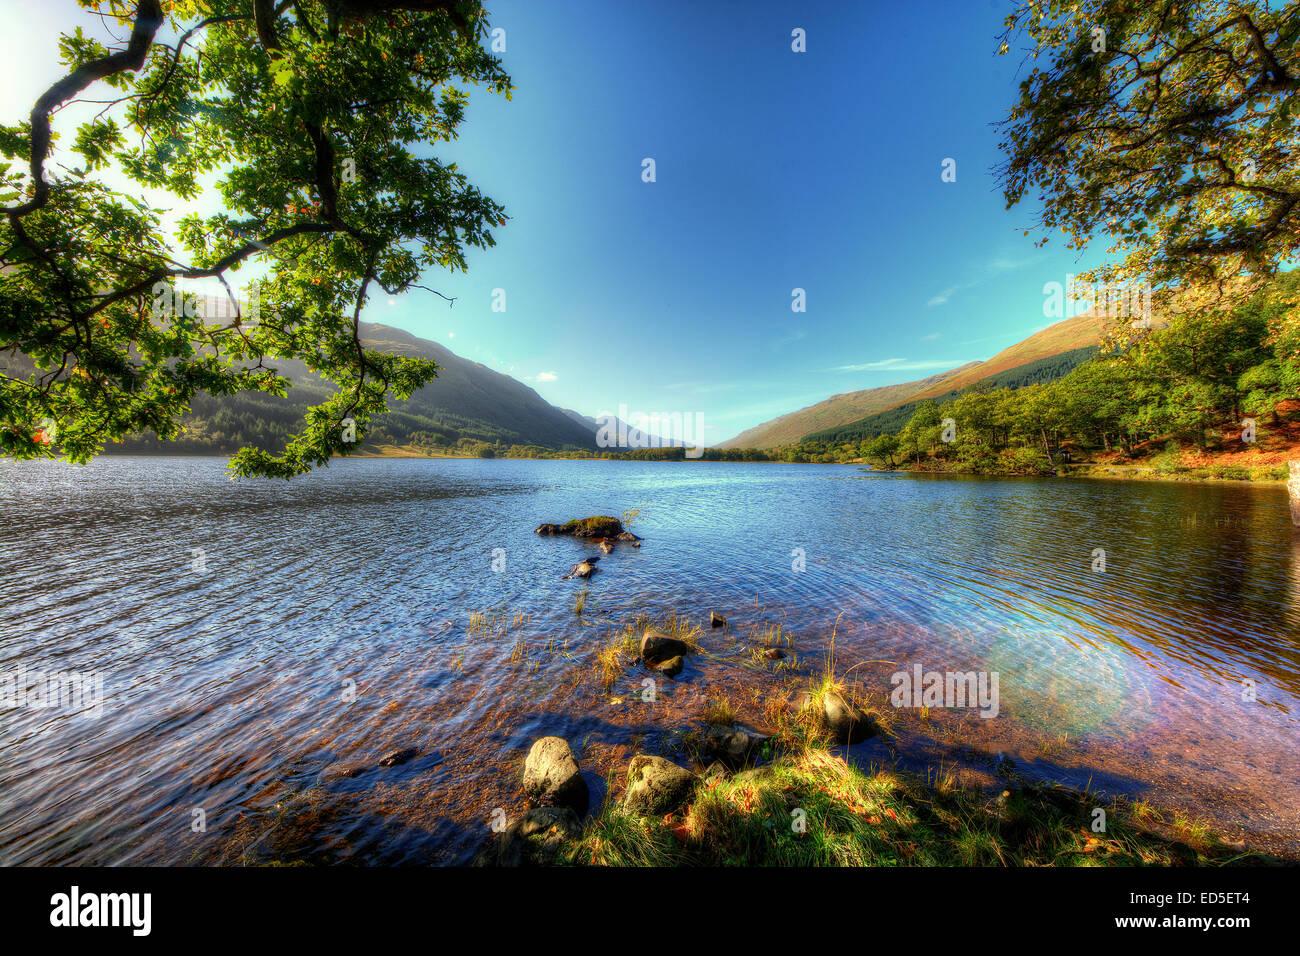 Loch Voil In The Loch Lomond And Trossachs National Park, Scotland Loch  Voil Canvas Loch Voil Canvases Loch Voil Prints Loch